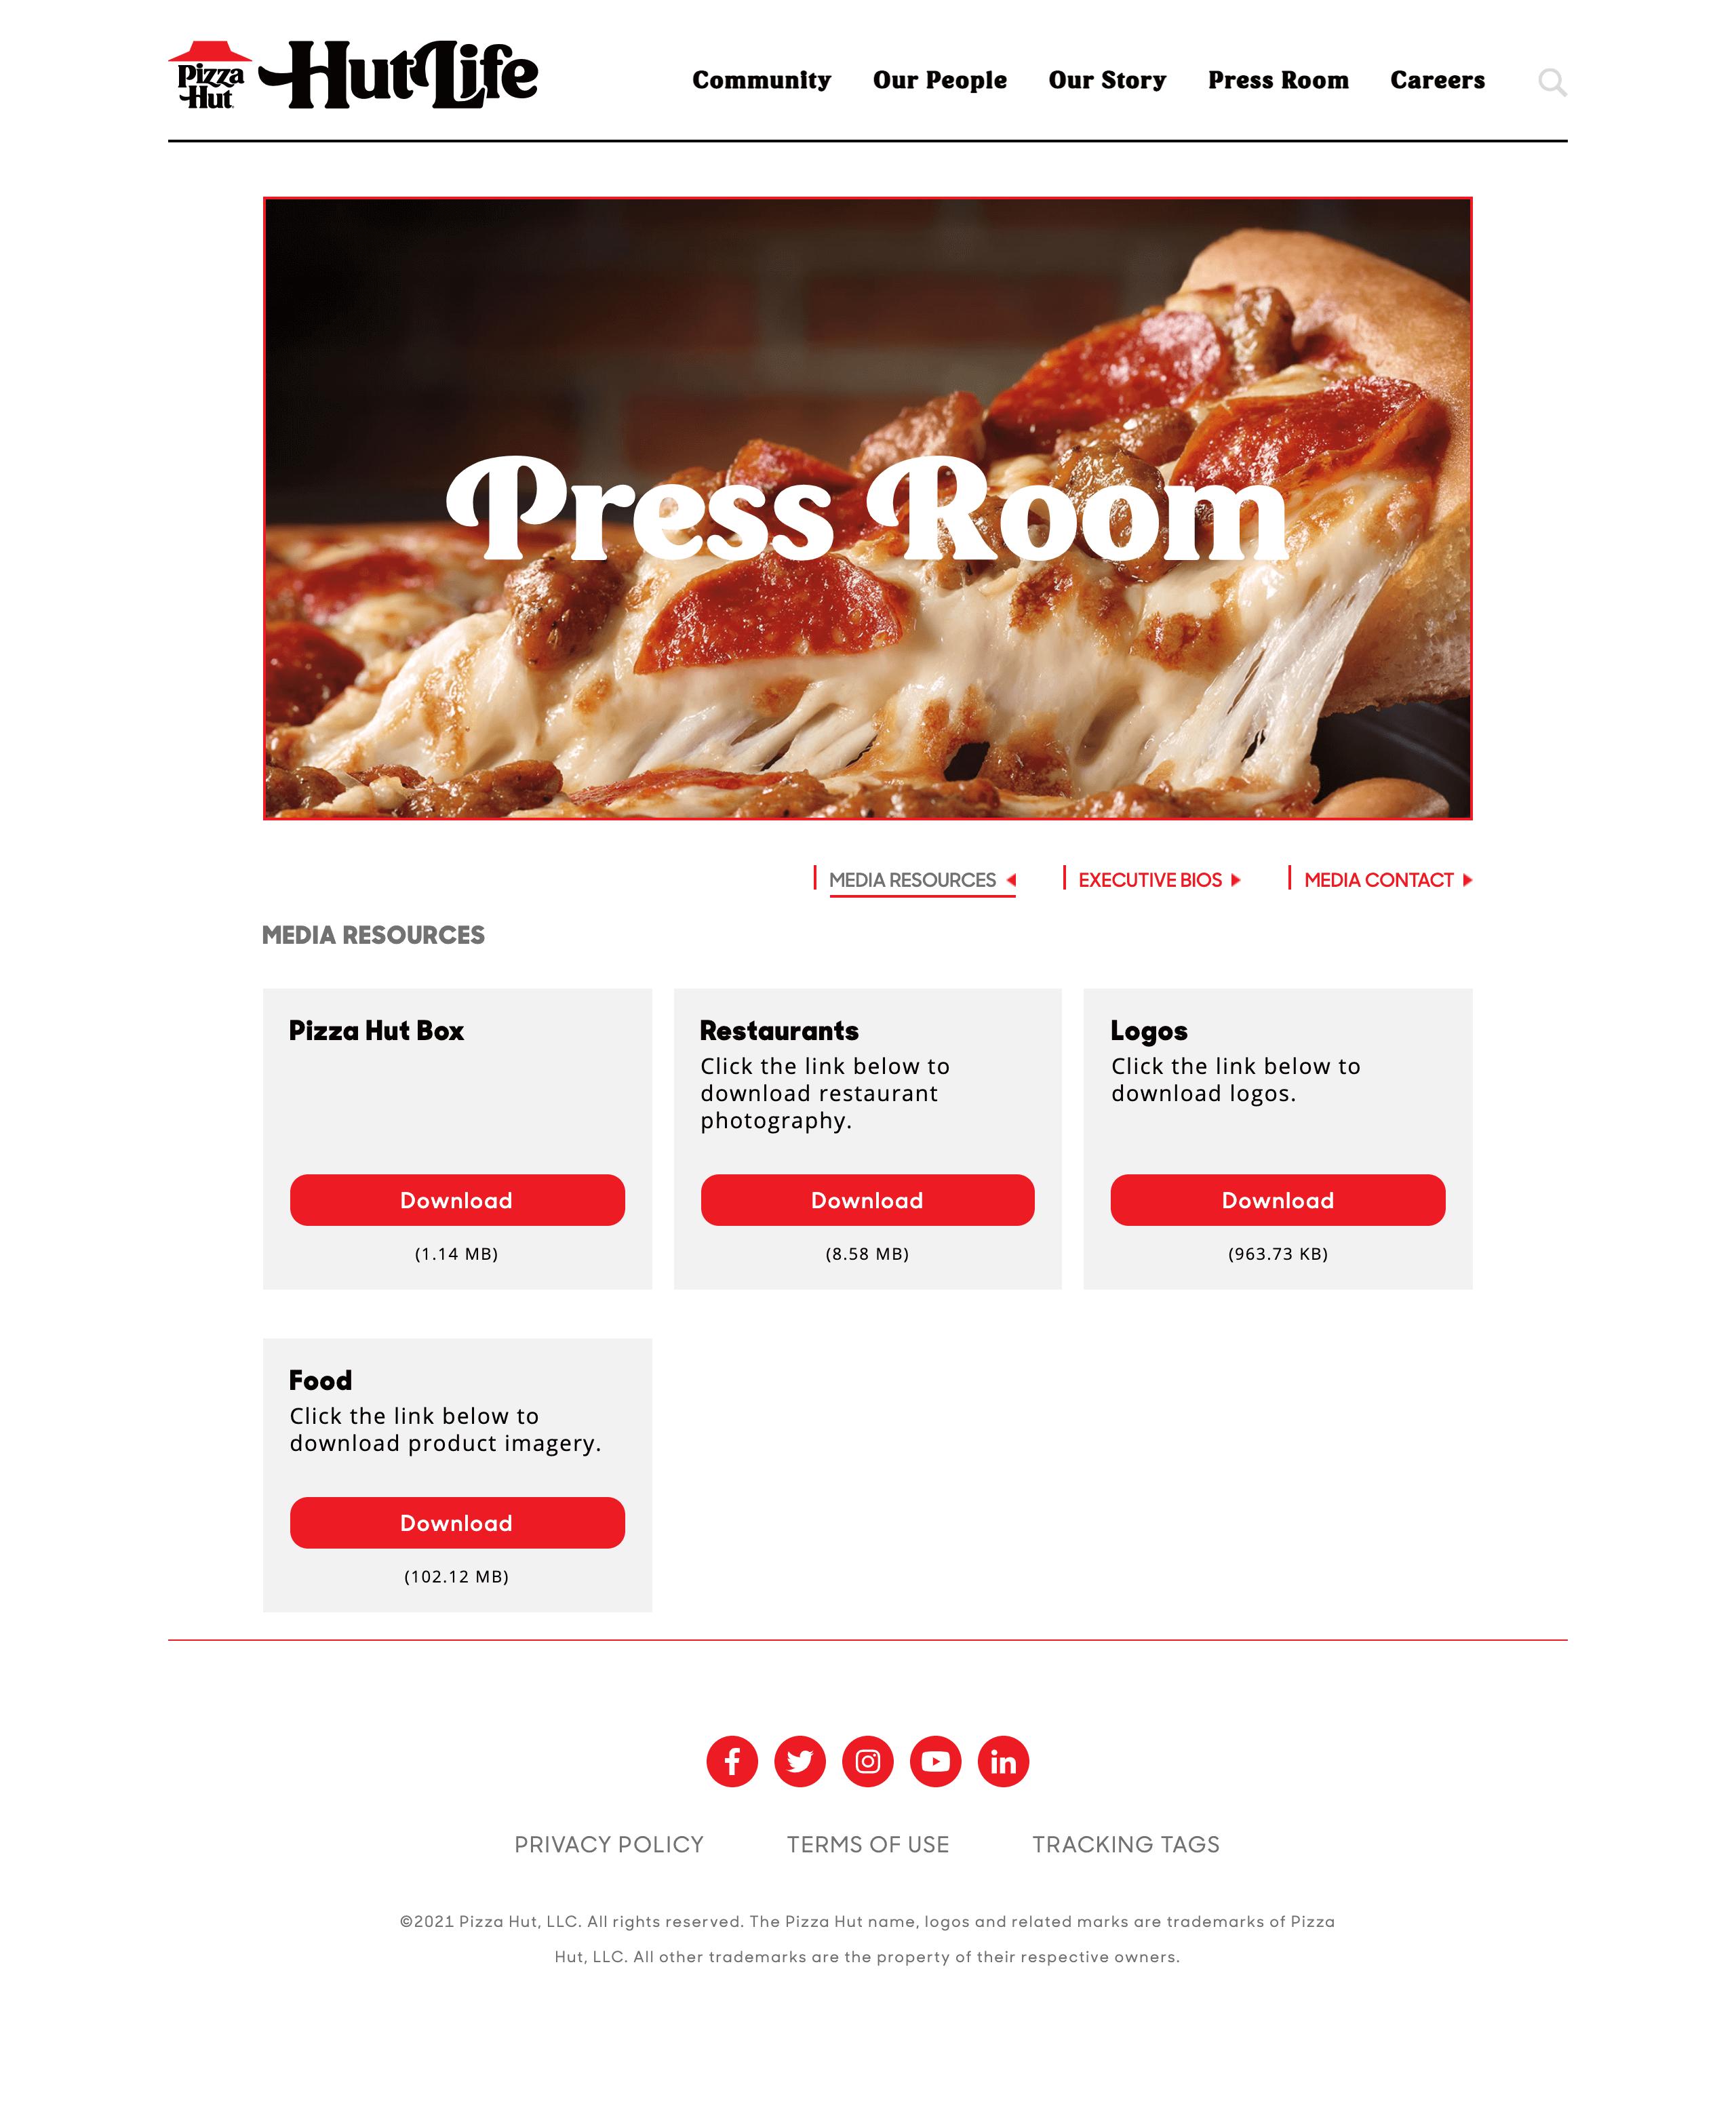 Pizza Hut press kit